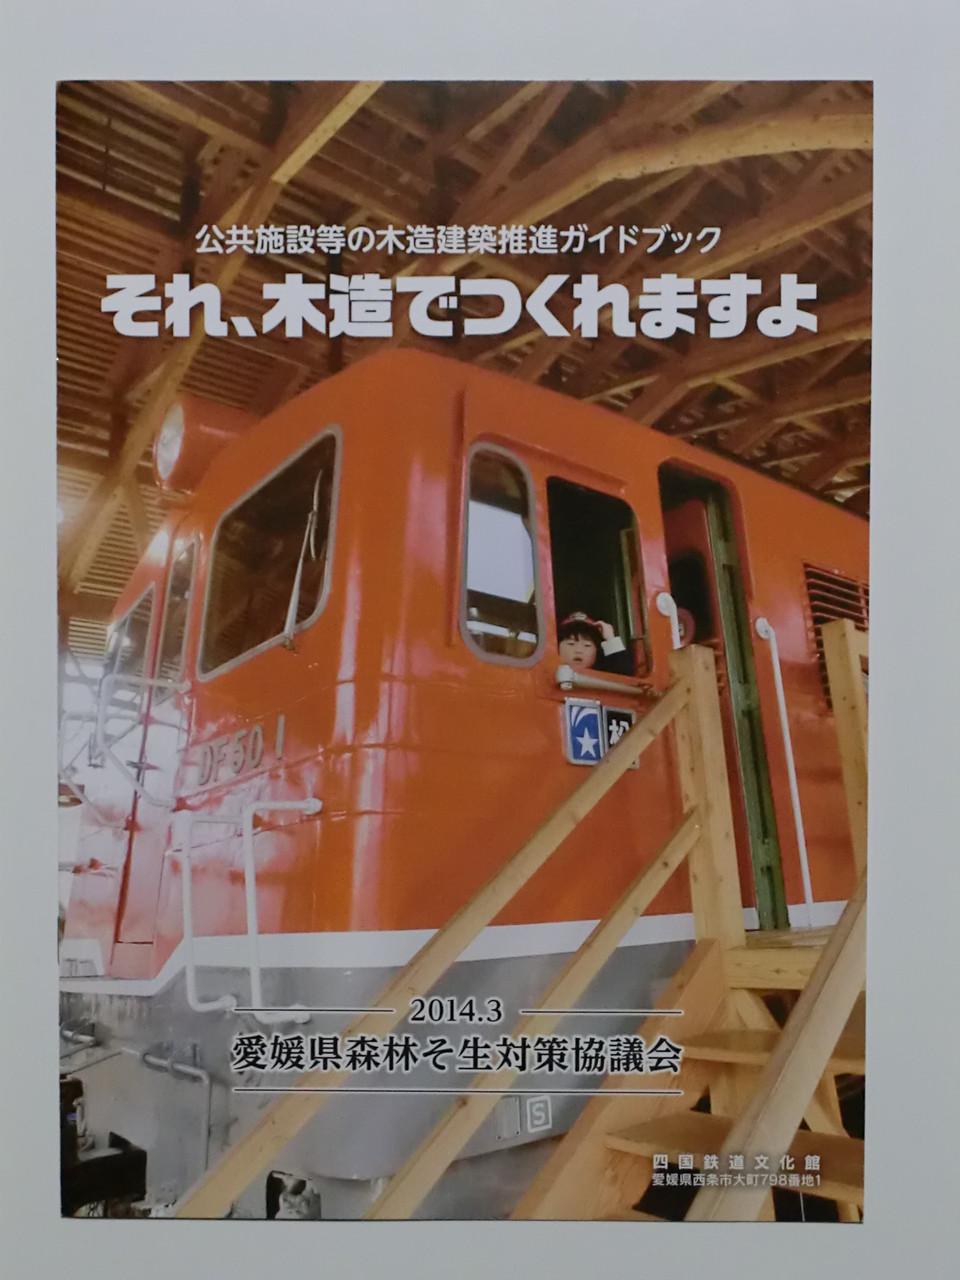 公共施設の木造建築推進ガイドブック「それ、木造でつくれますよ」